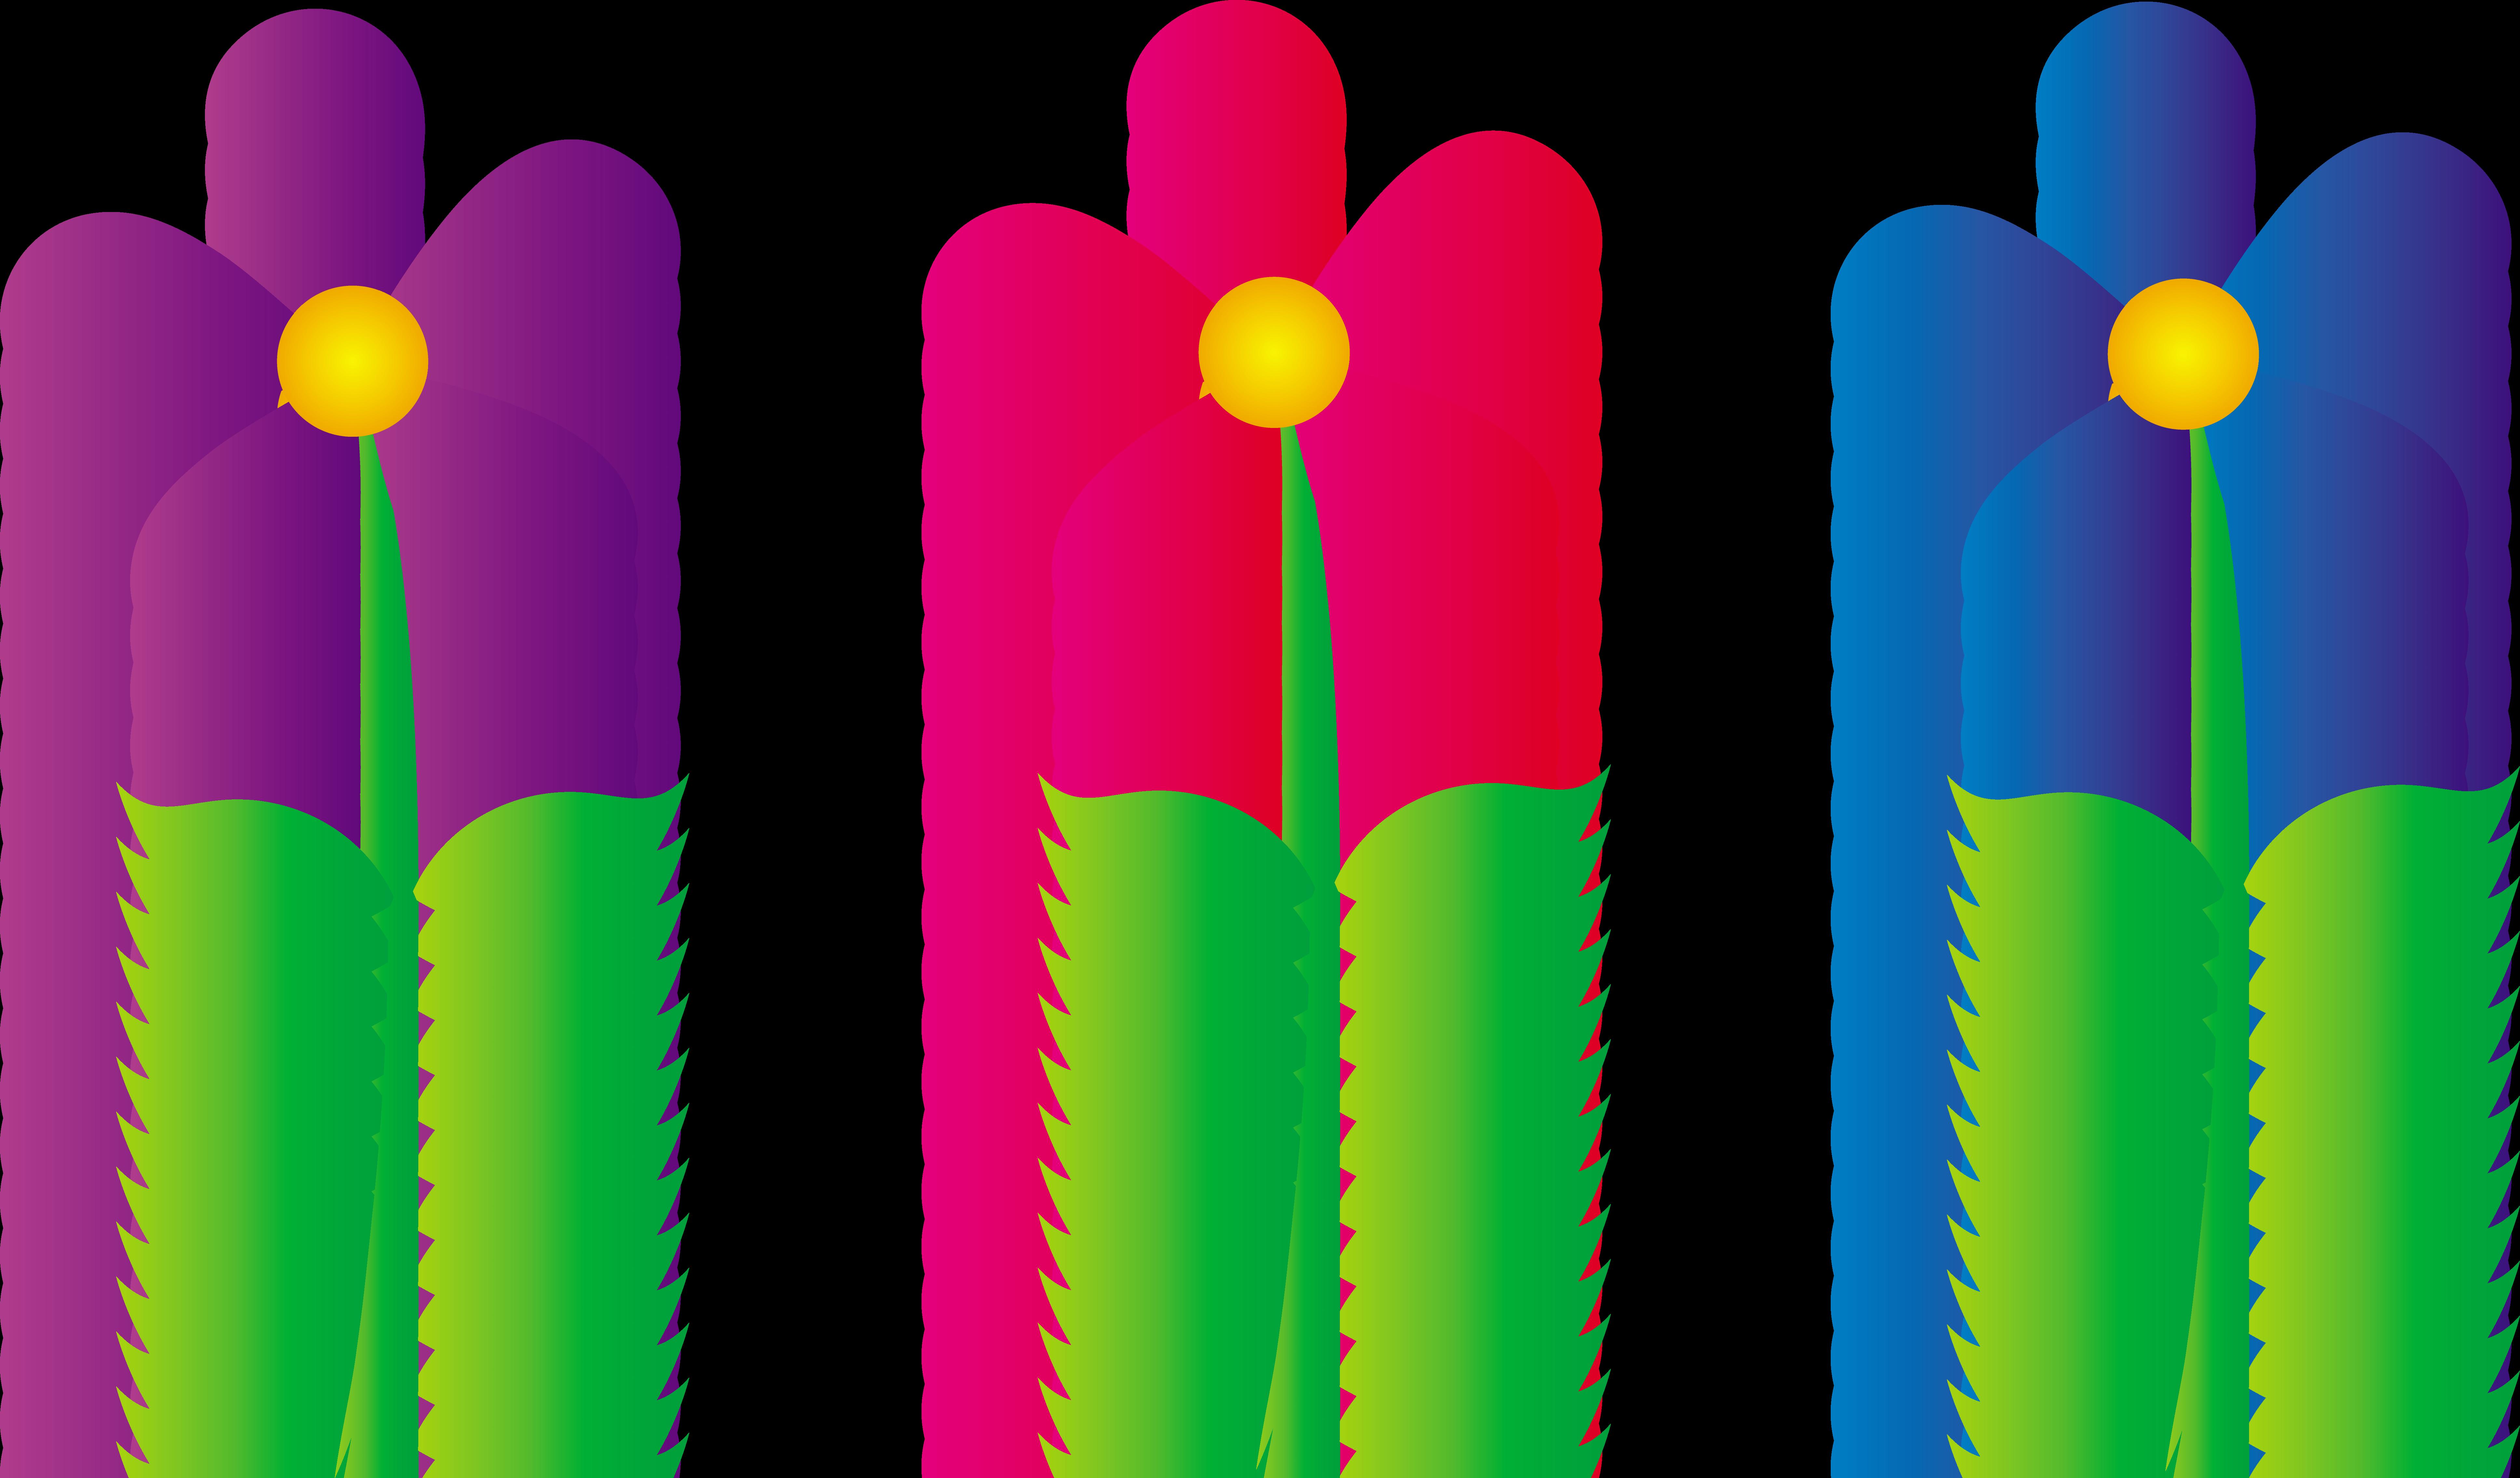 flower border clipart - Spring Flowers Clip Art Free